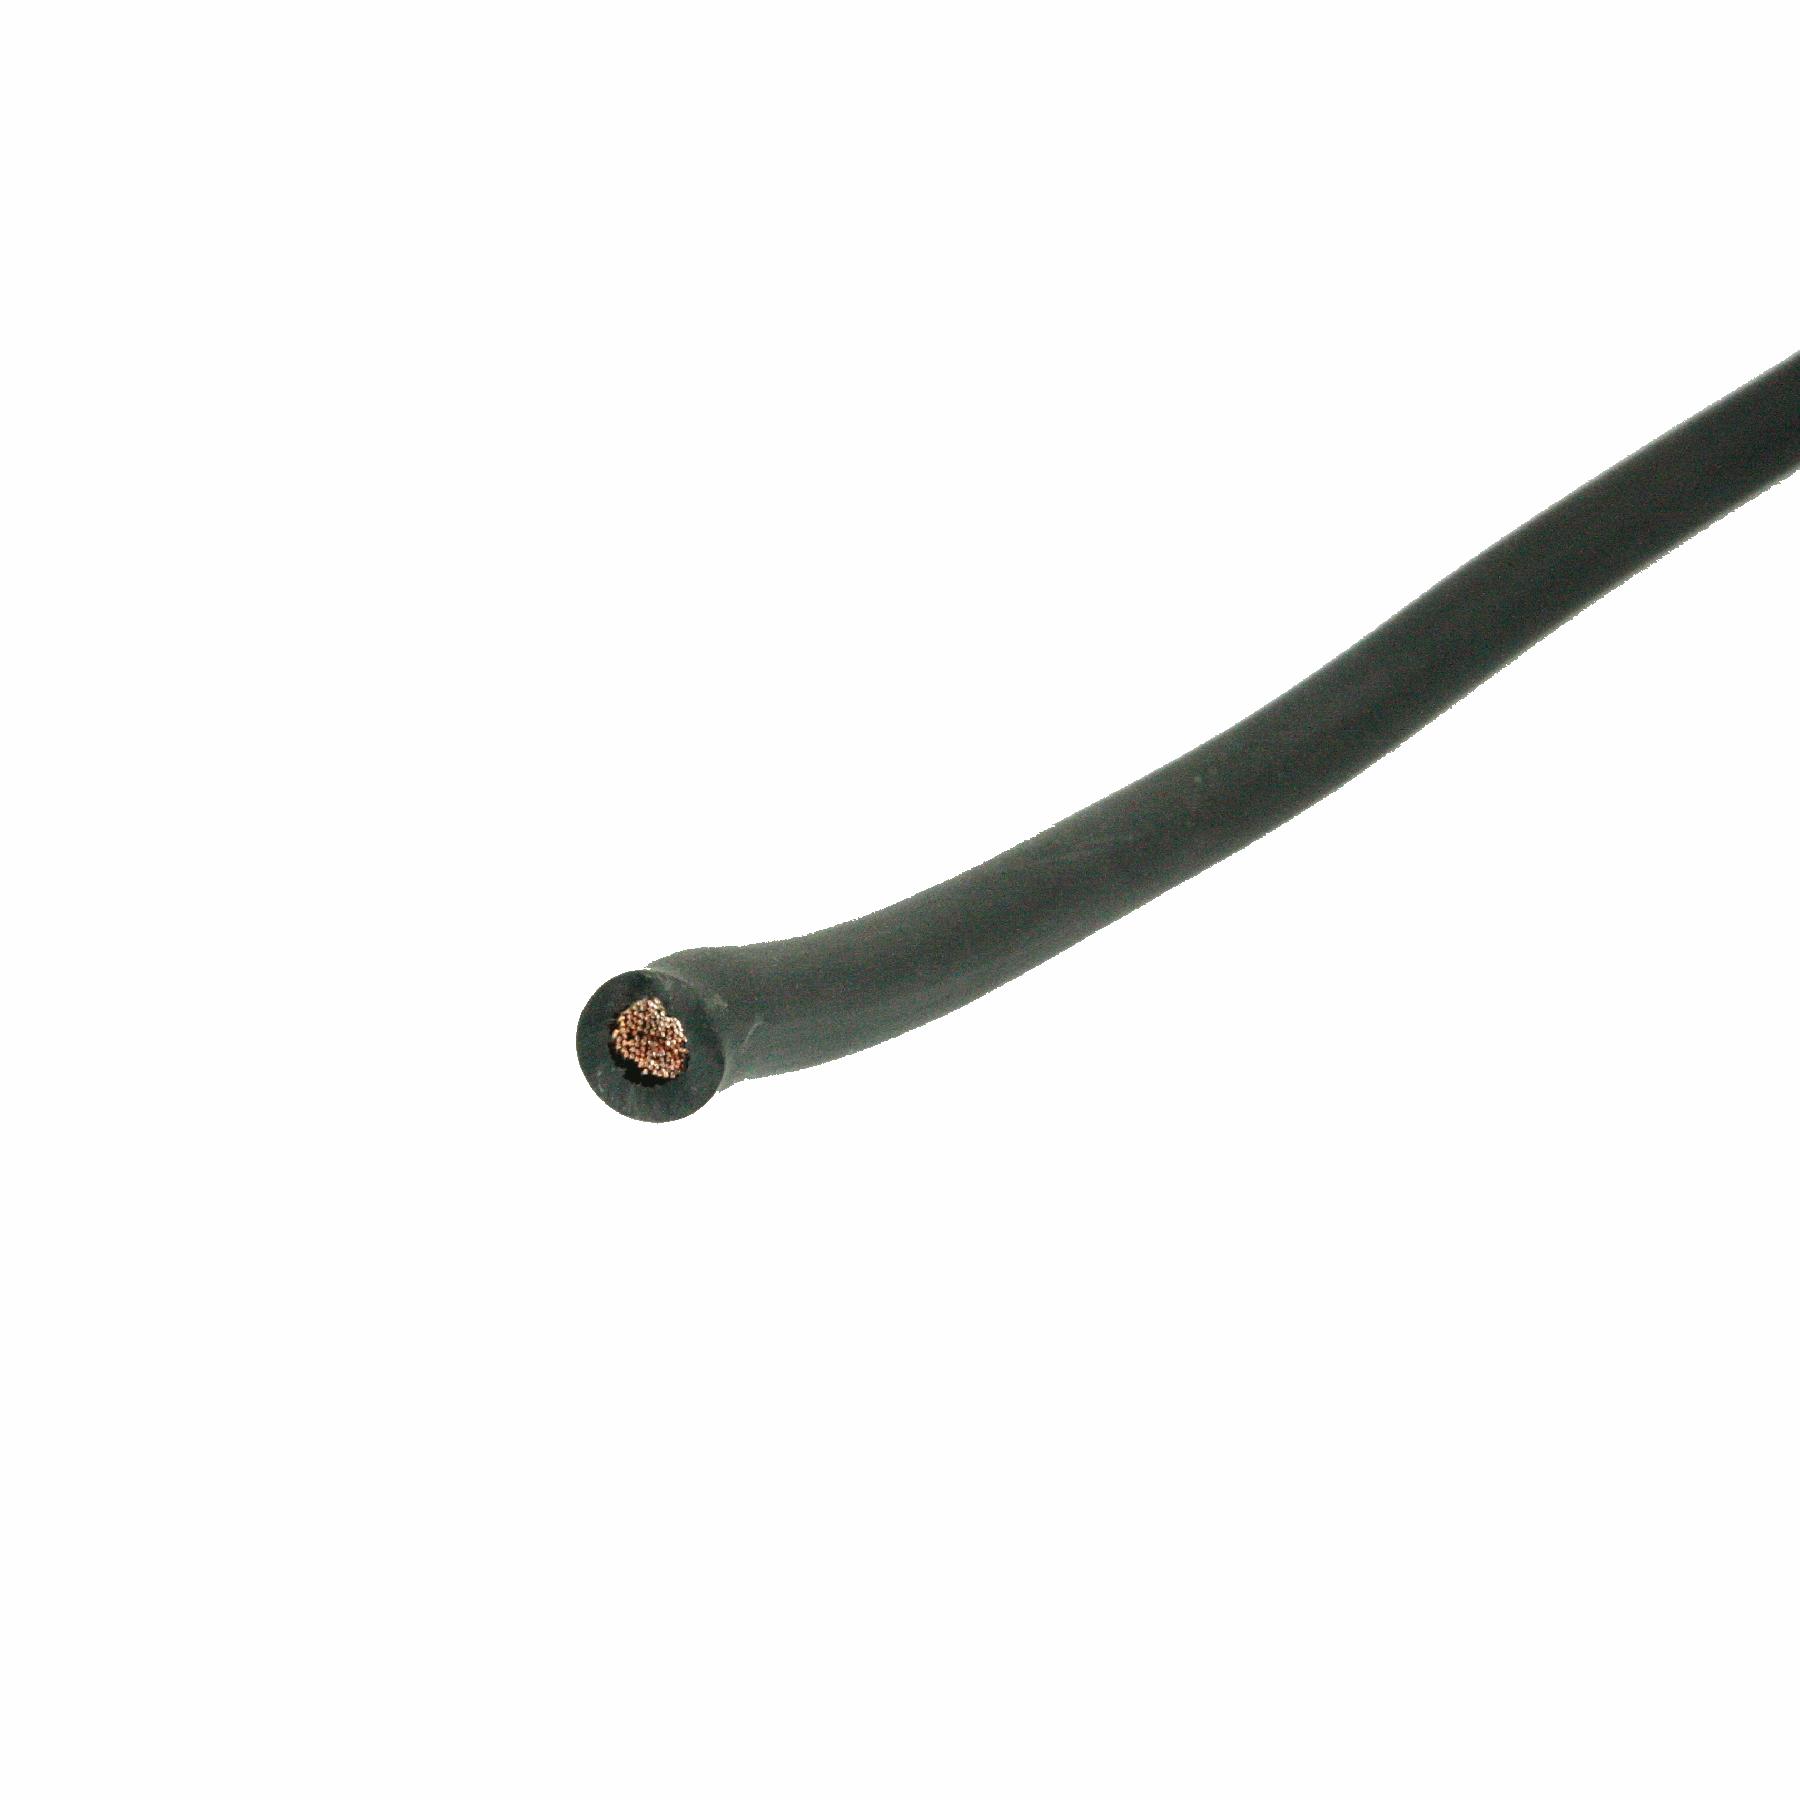 Las / startkabel 25mmq zwart pvc (25)